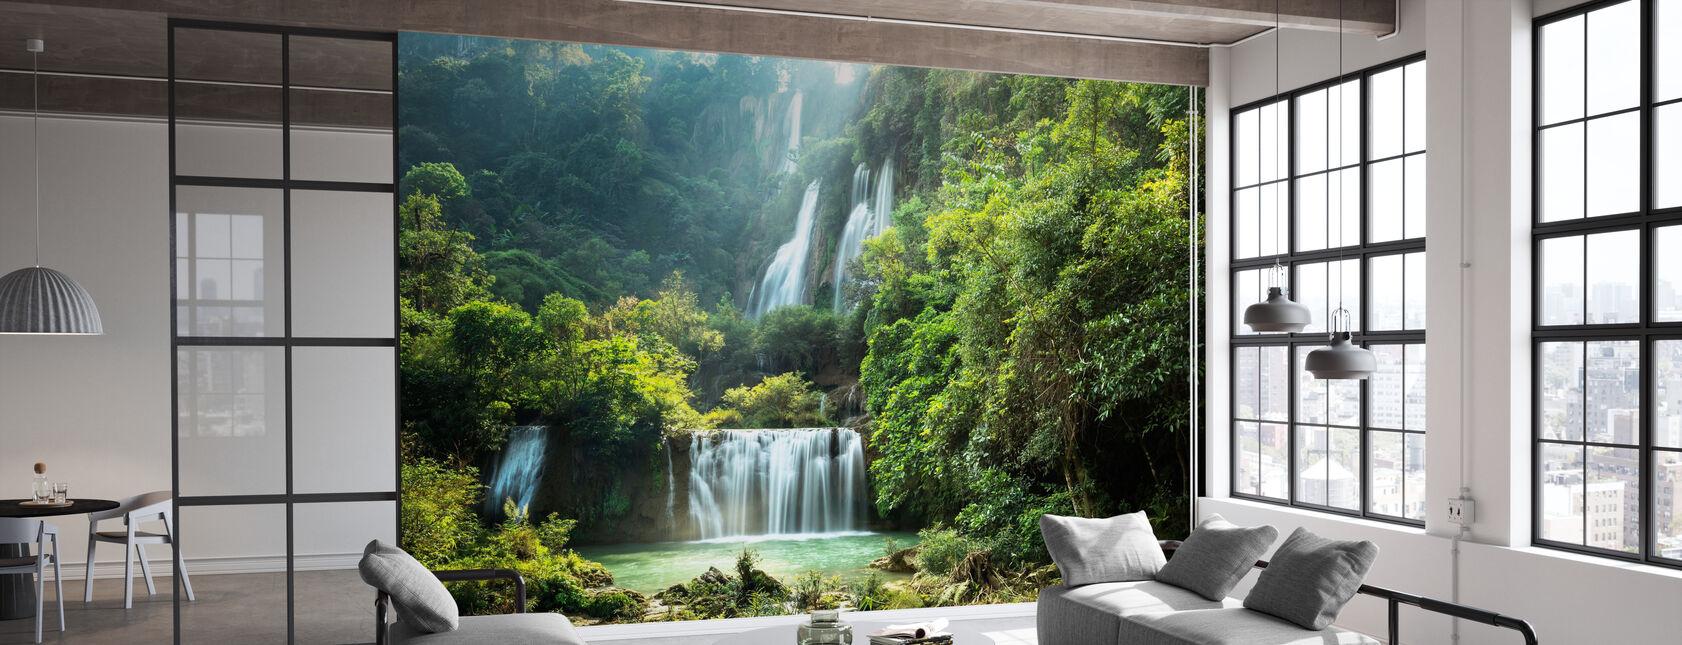 Wodospad w lecie - Tapeta - Biuro